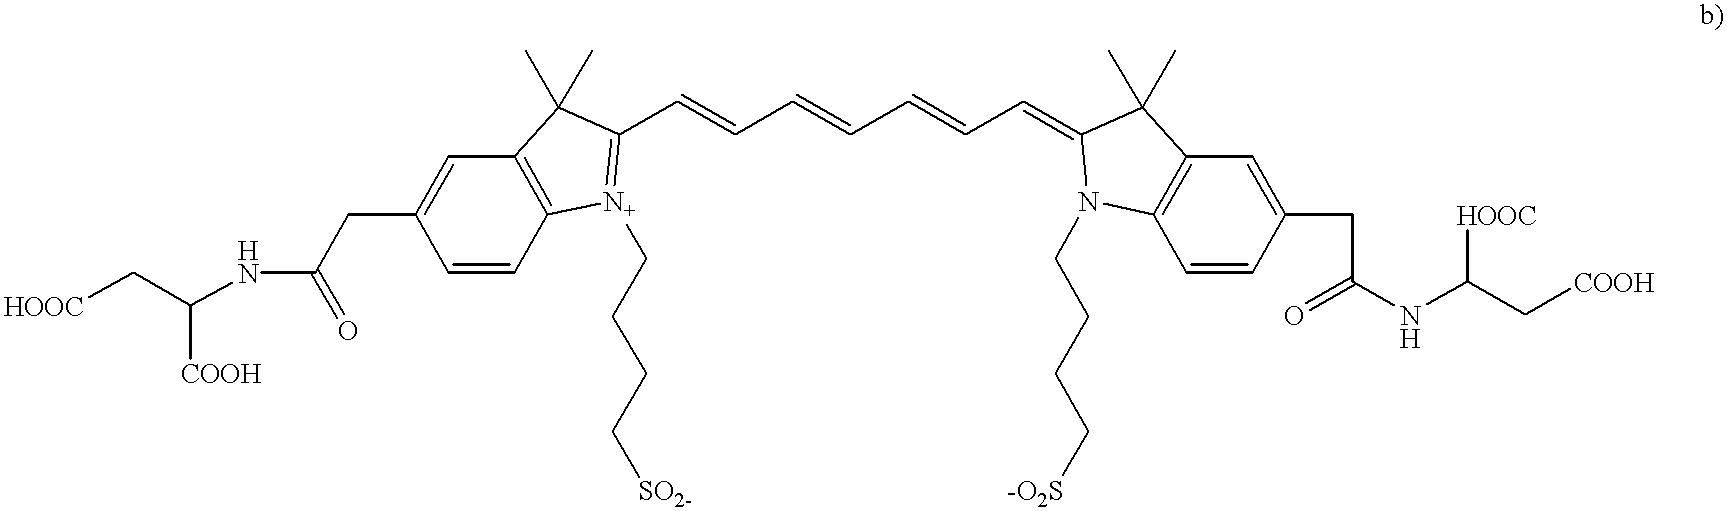 Figure US06350431-20020226-C00009